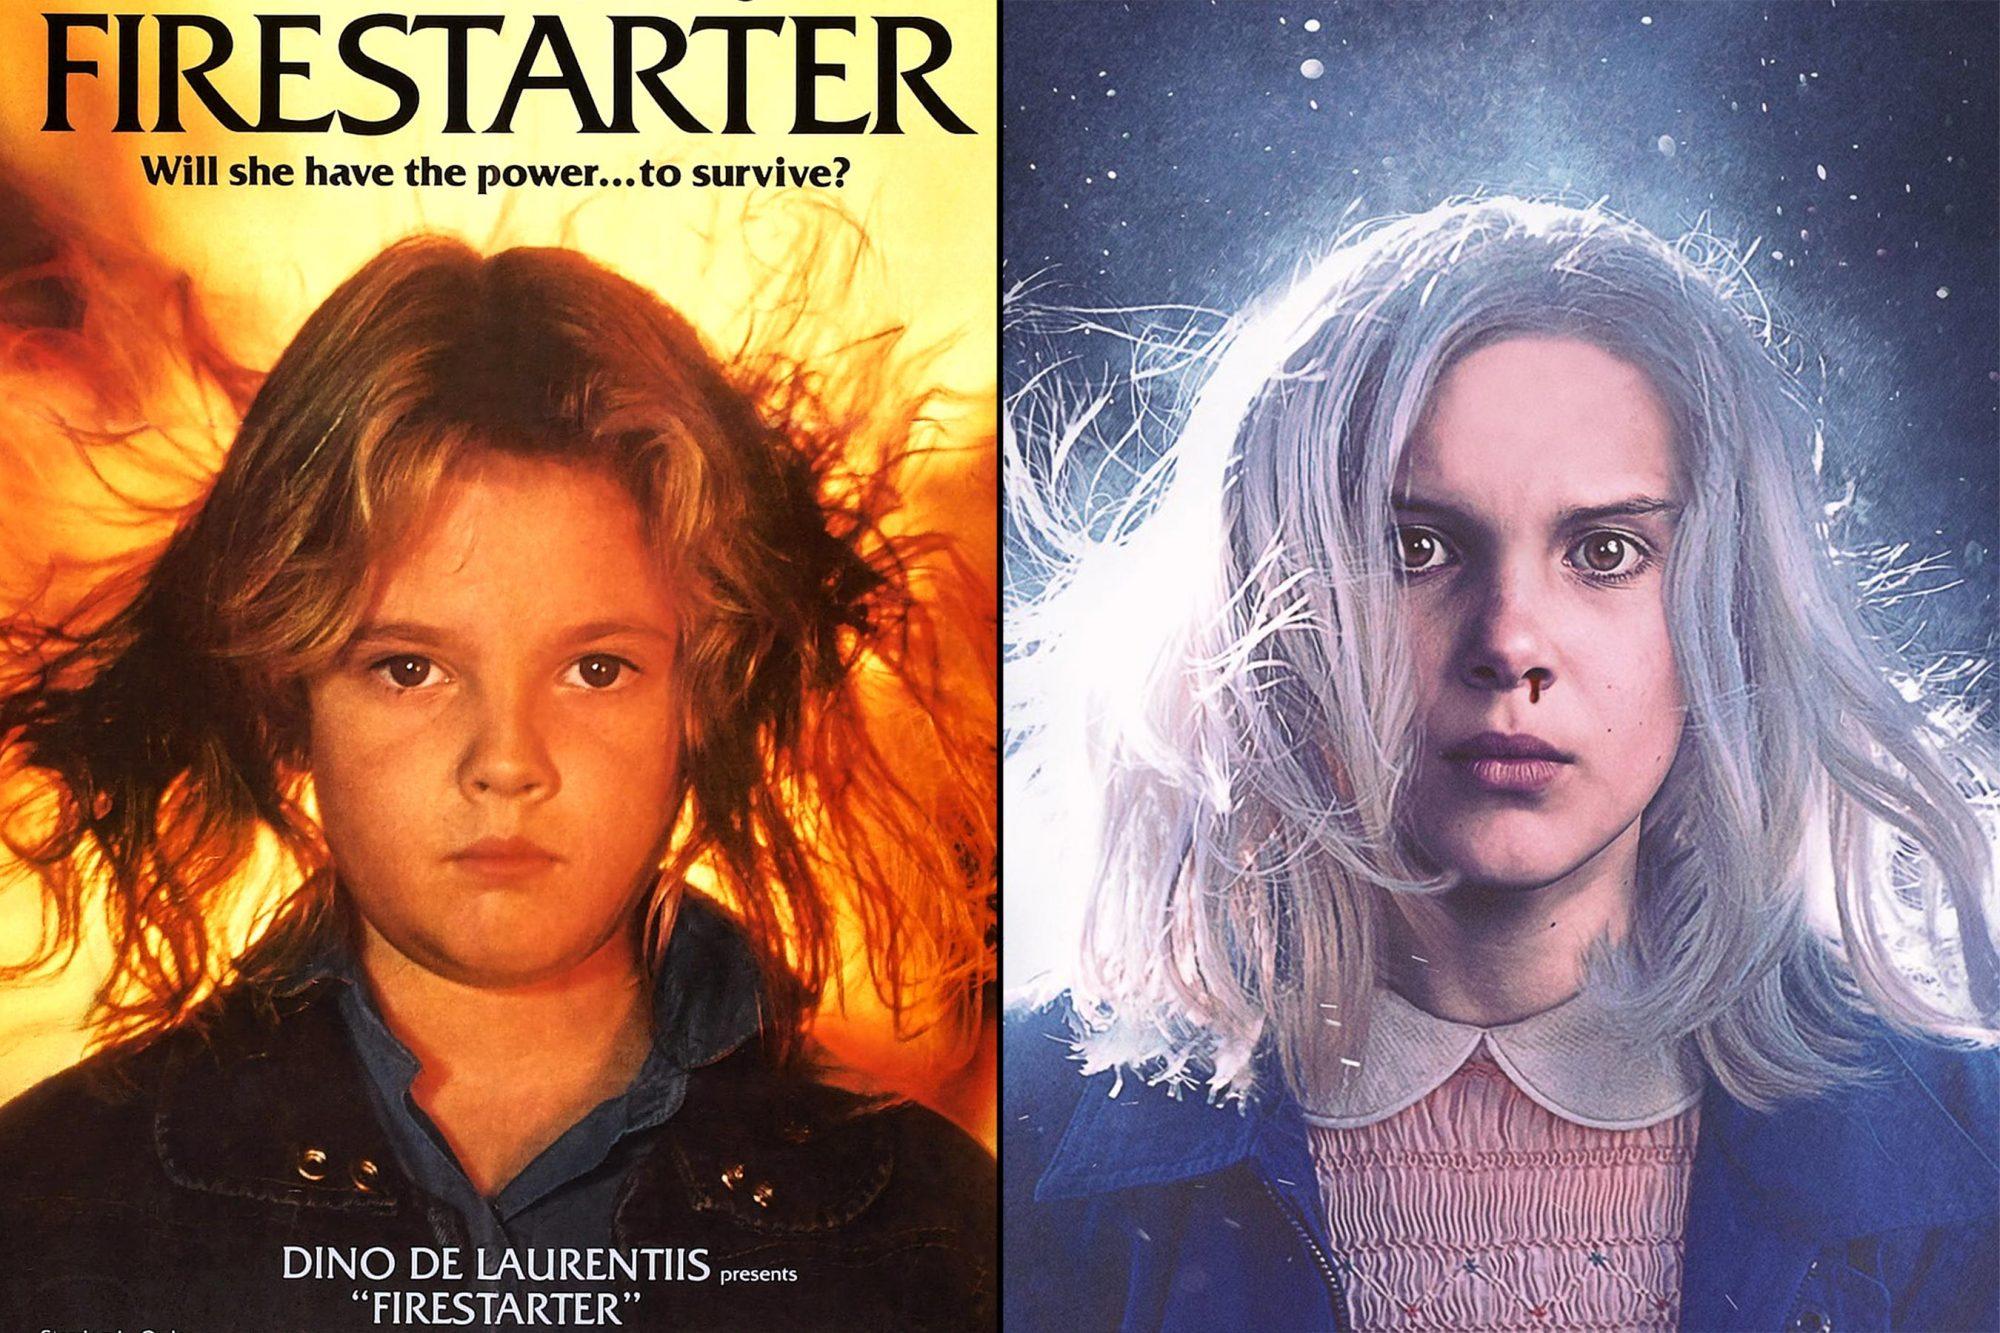 Stranger-Things-Firestarter-tout